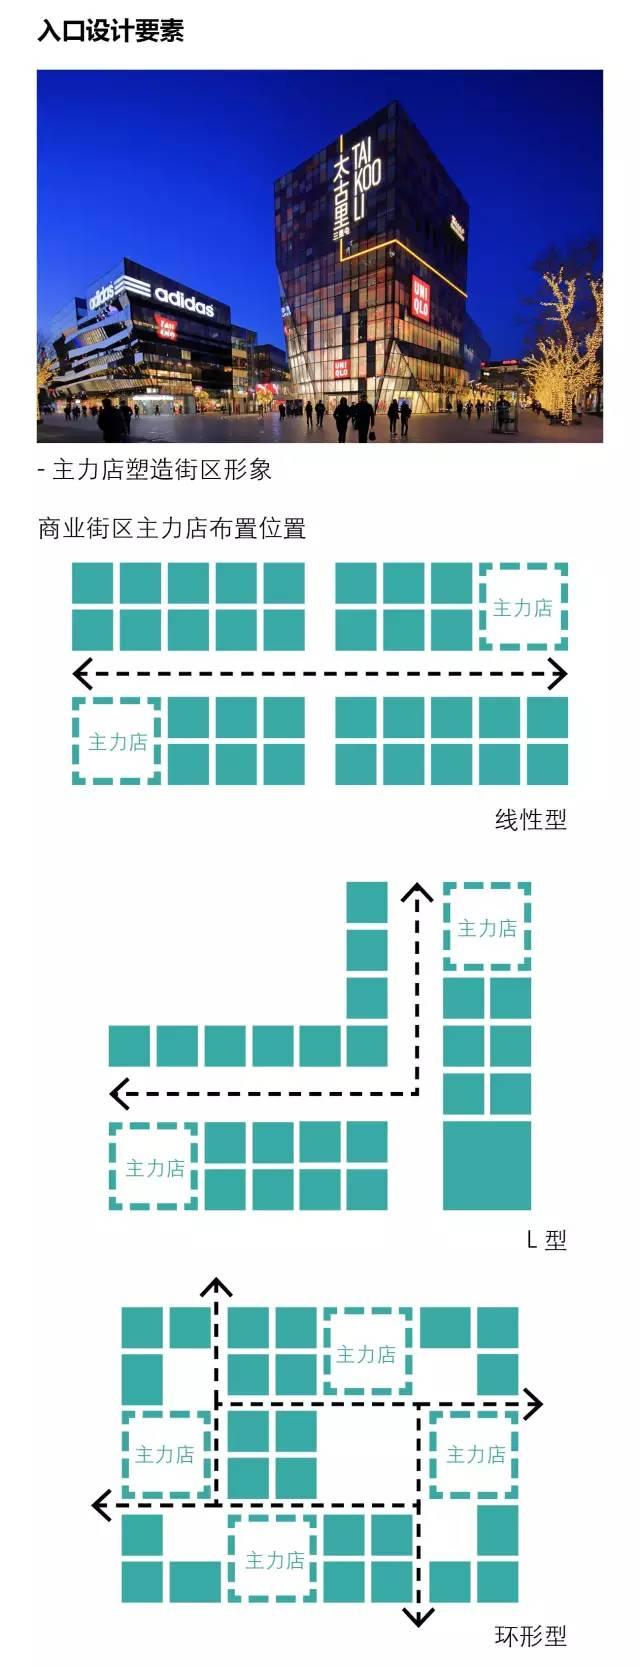 太古里、三里屯、新天地、田子坊等开放式商业街区设计最全解构_19